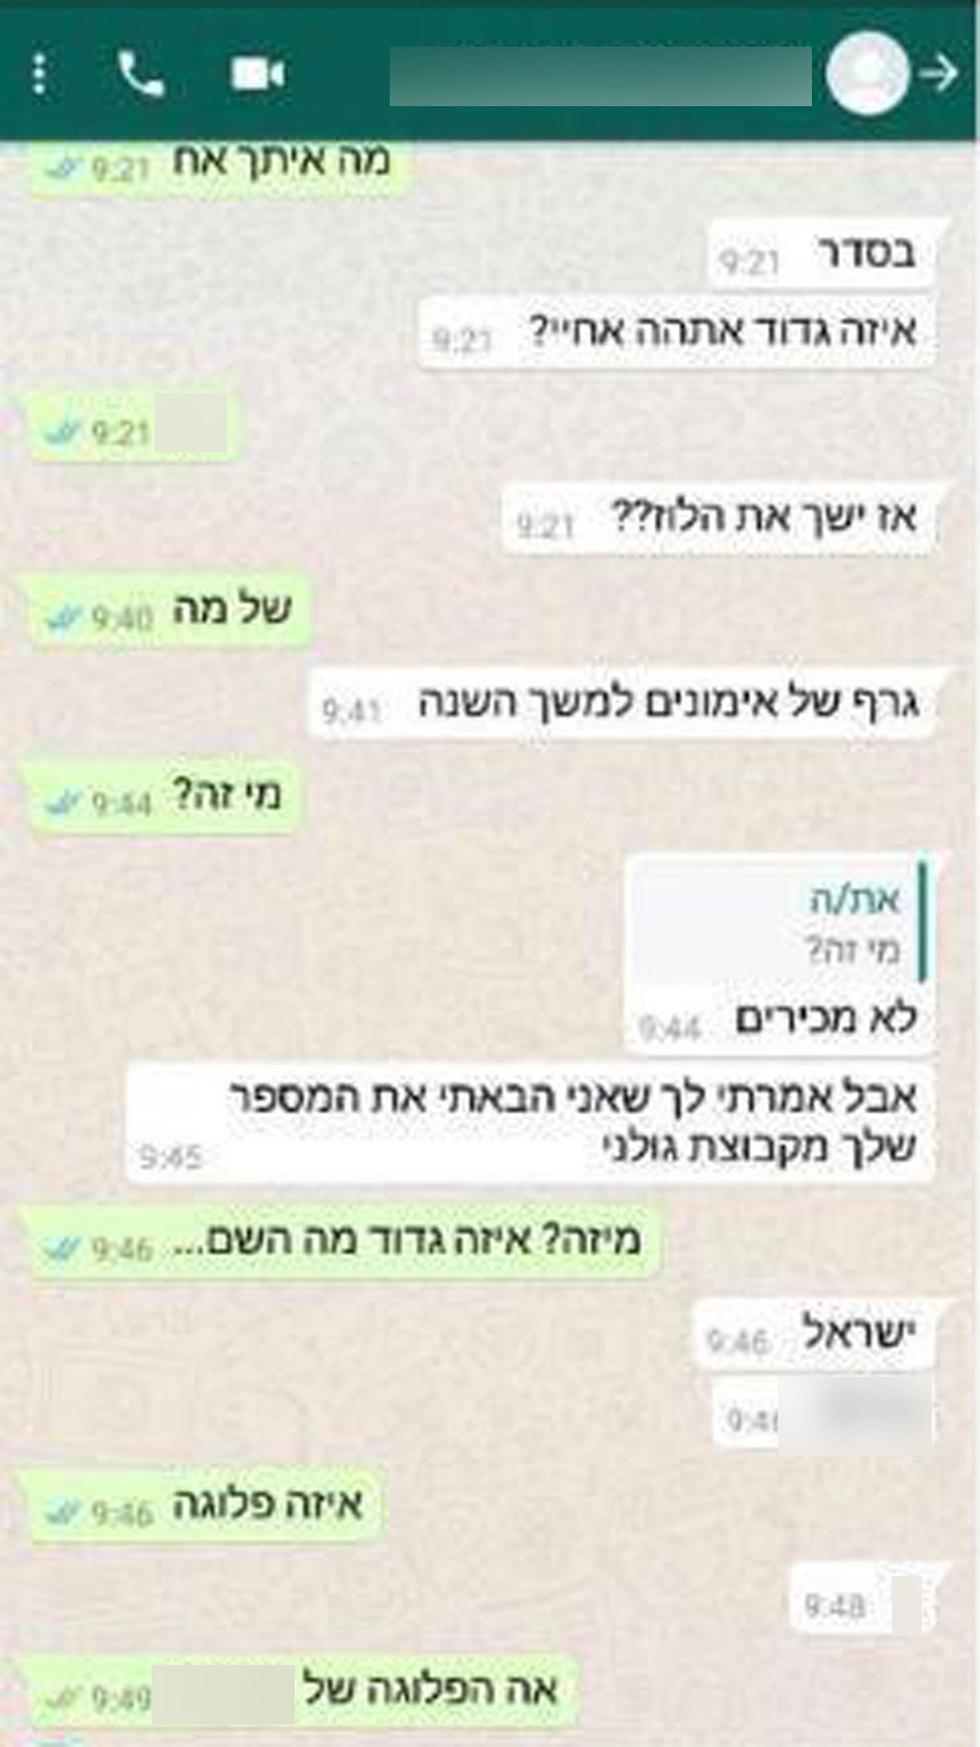 שיחות וואטסאפ חמאס עזה טרור מנסה להשיג מודיעין על צה